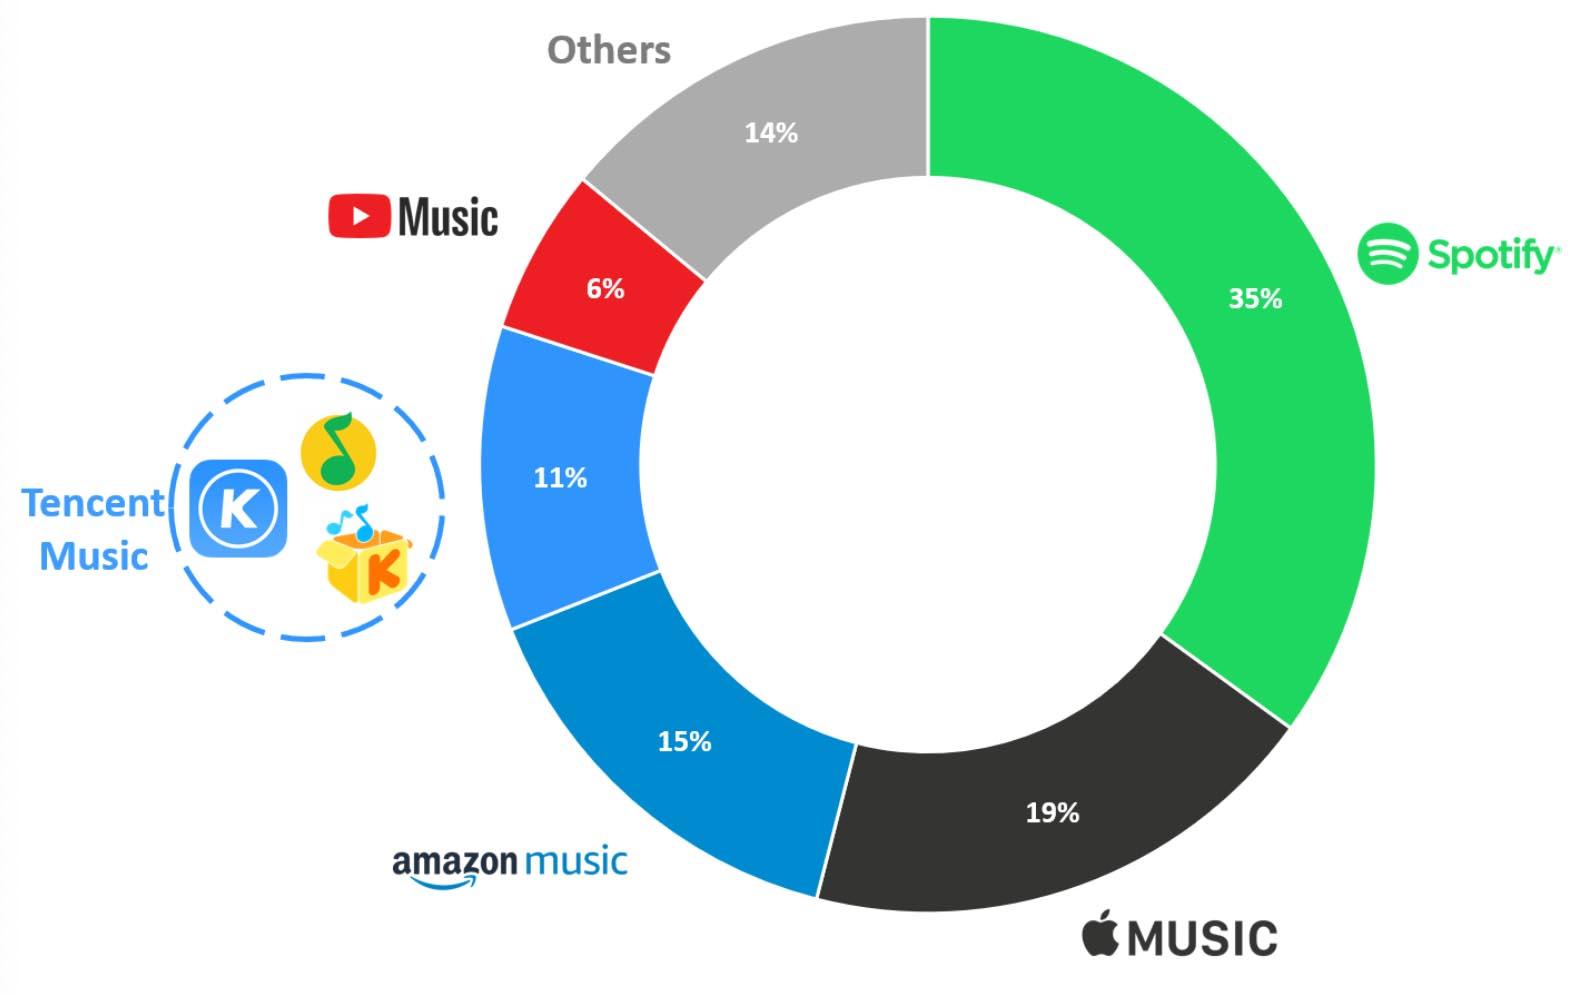 Аудитория музыкальных стриминговых сервисов в 2019 году